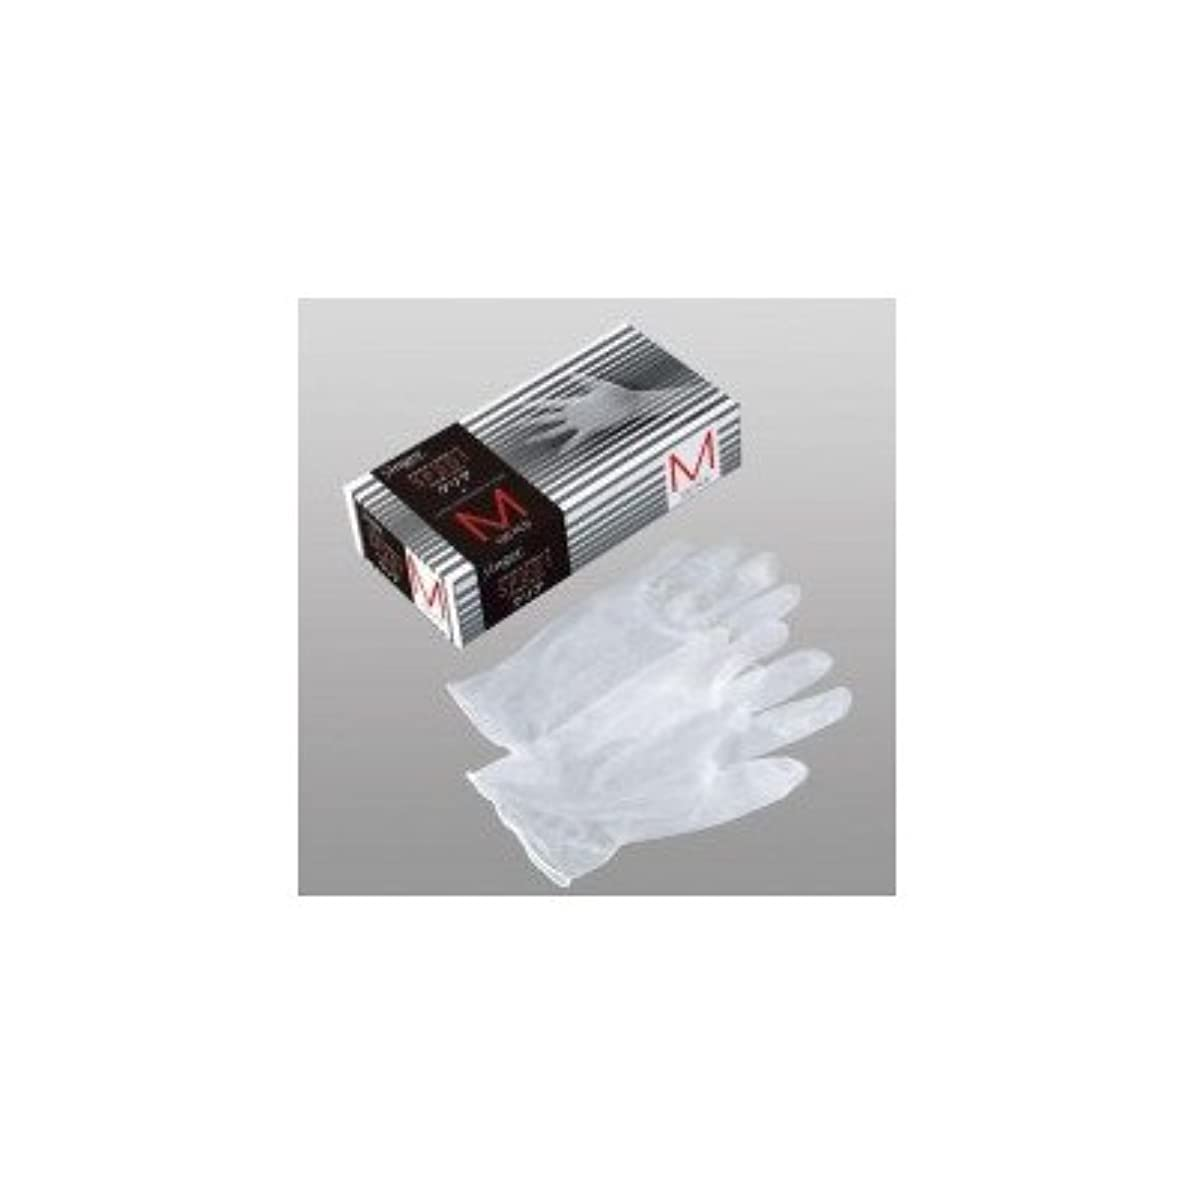 解放必要扱うシンガープラスチックグローブ(手袋) SP201 パウダーフリー クリアー(100枚) S( 画像はイメージ画像です お届けの商品はSのみとなります)